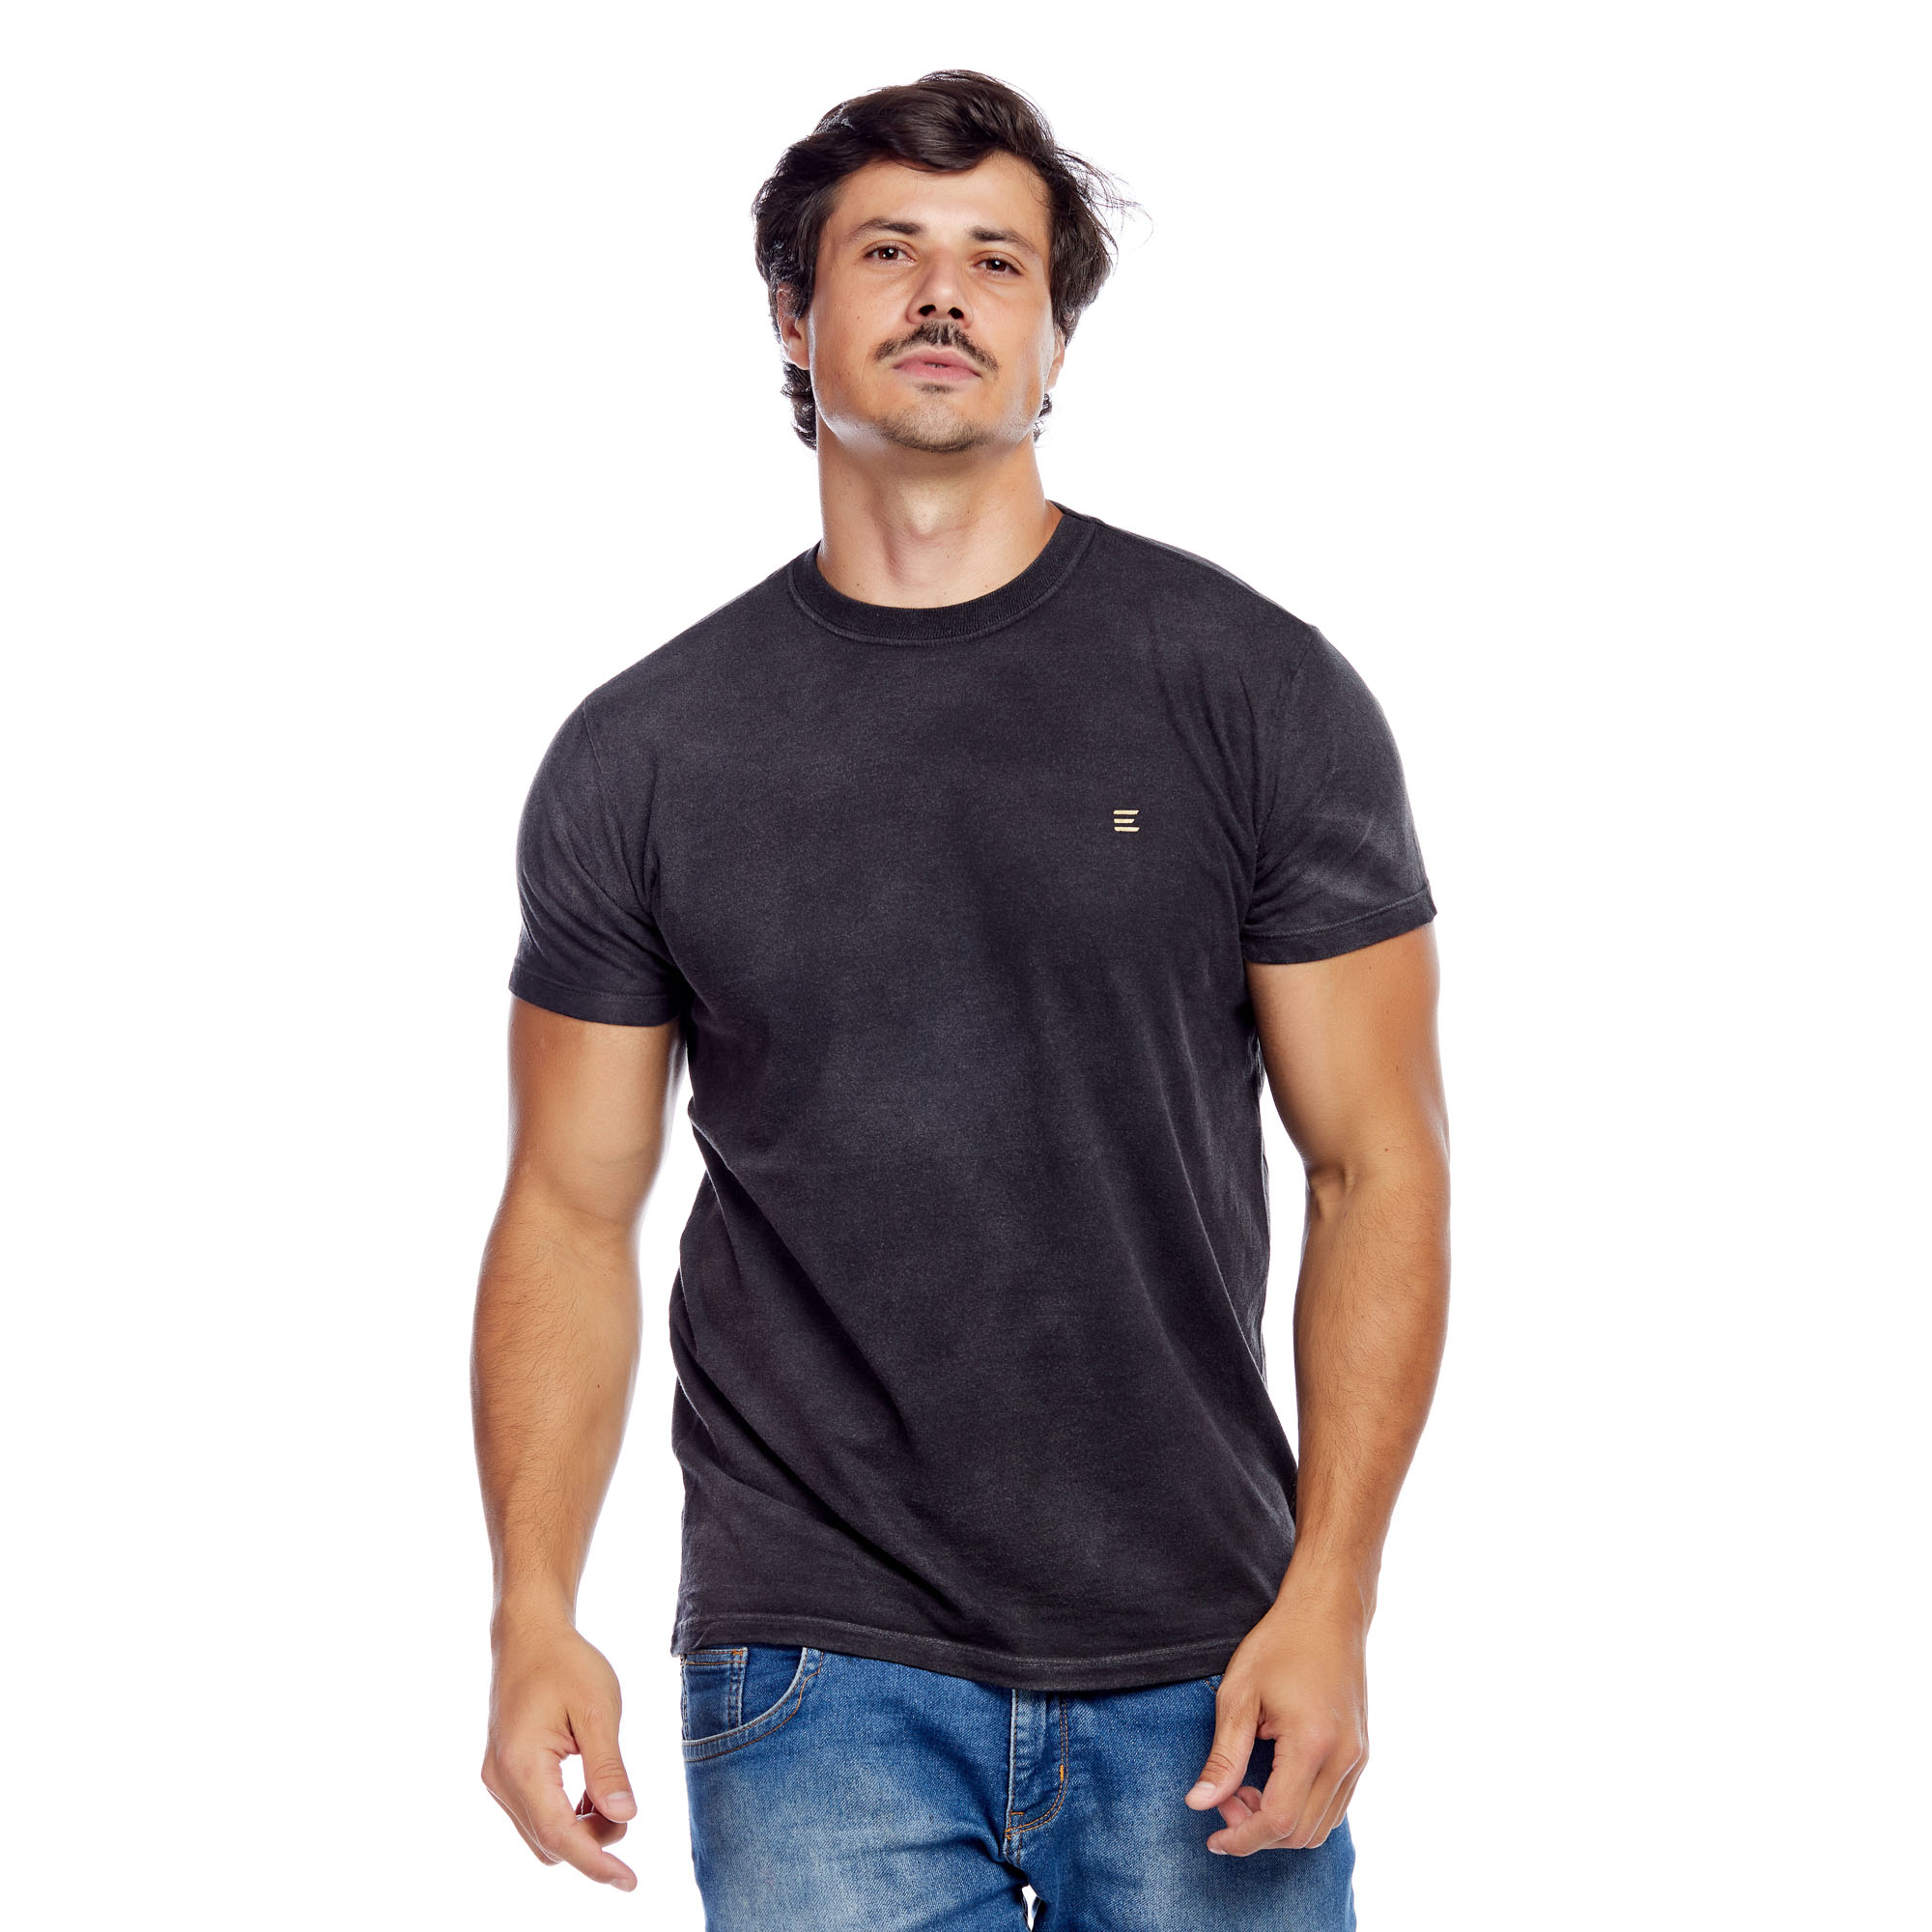 Camiseta Masculina Used Total Evolvee